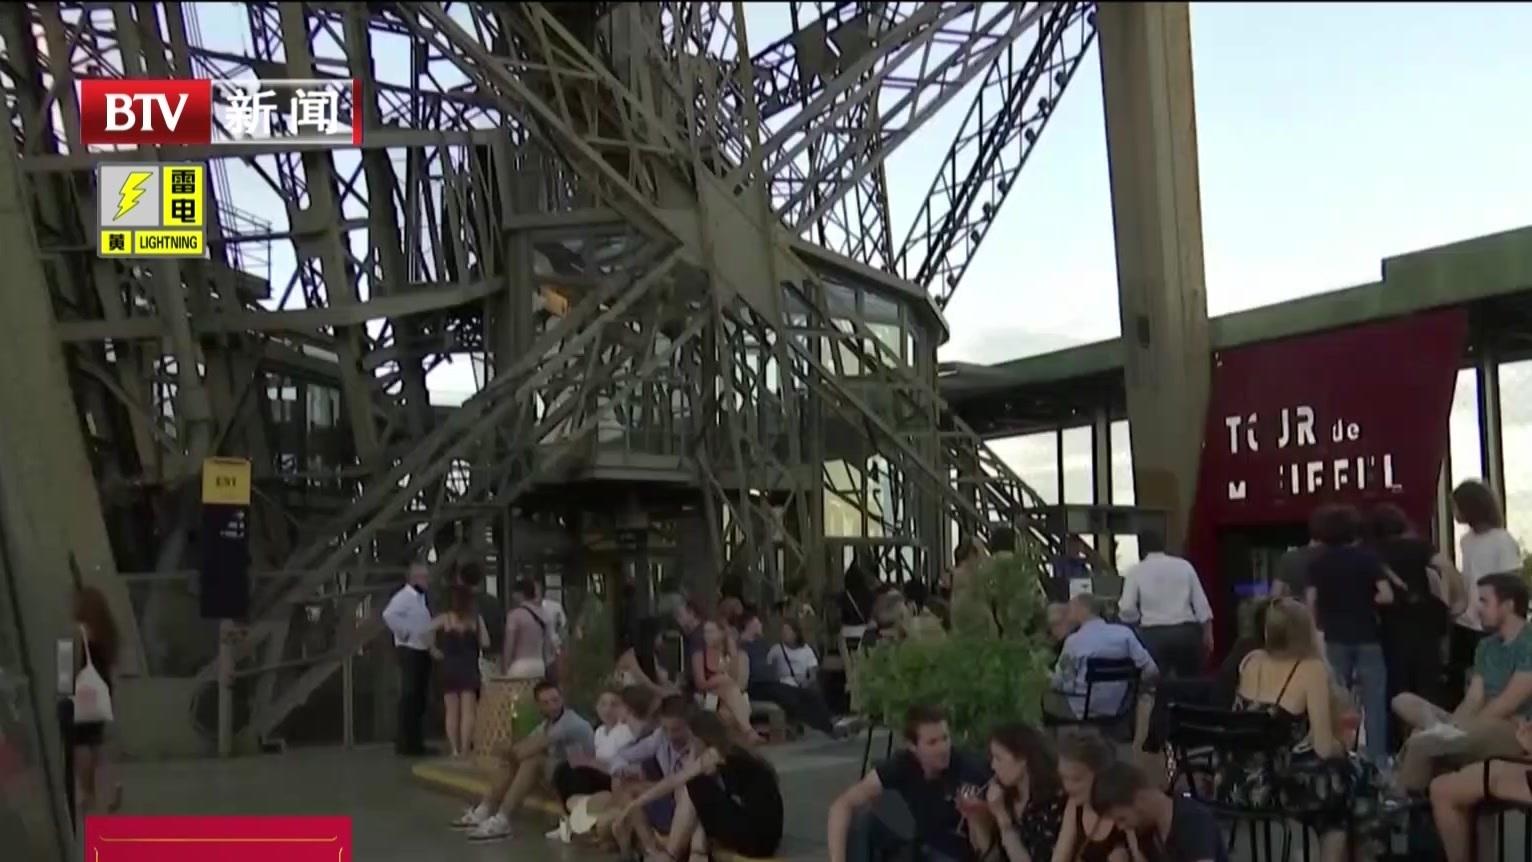 埃菲尔铁塔开放夏日露台吸引游客